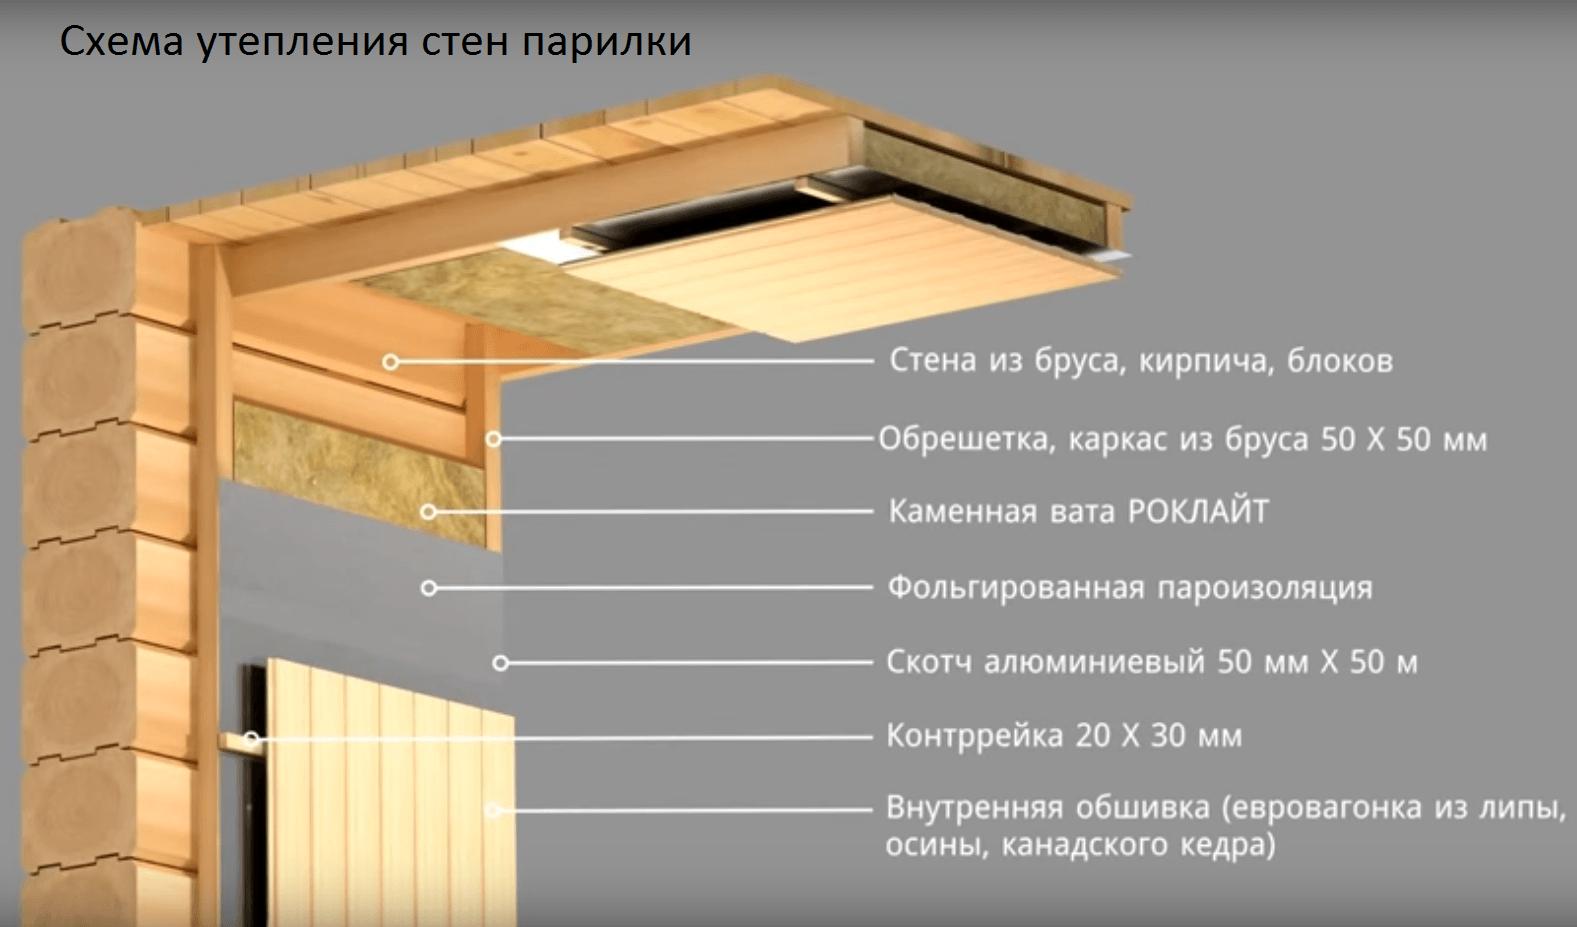 Как утеплить крышу бани своими руками: чем отделать потолок 56